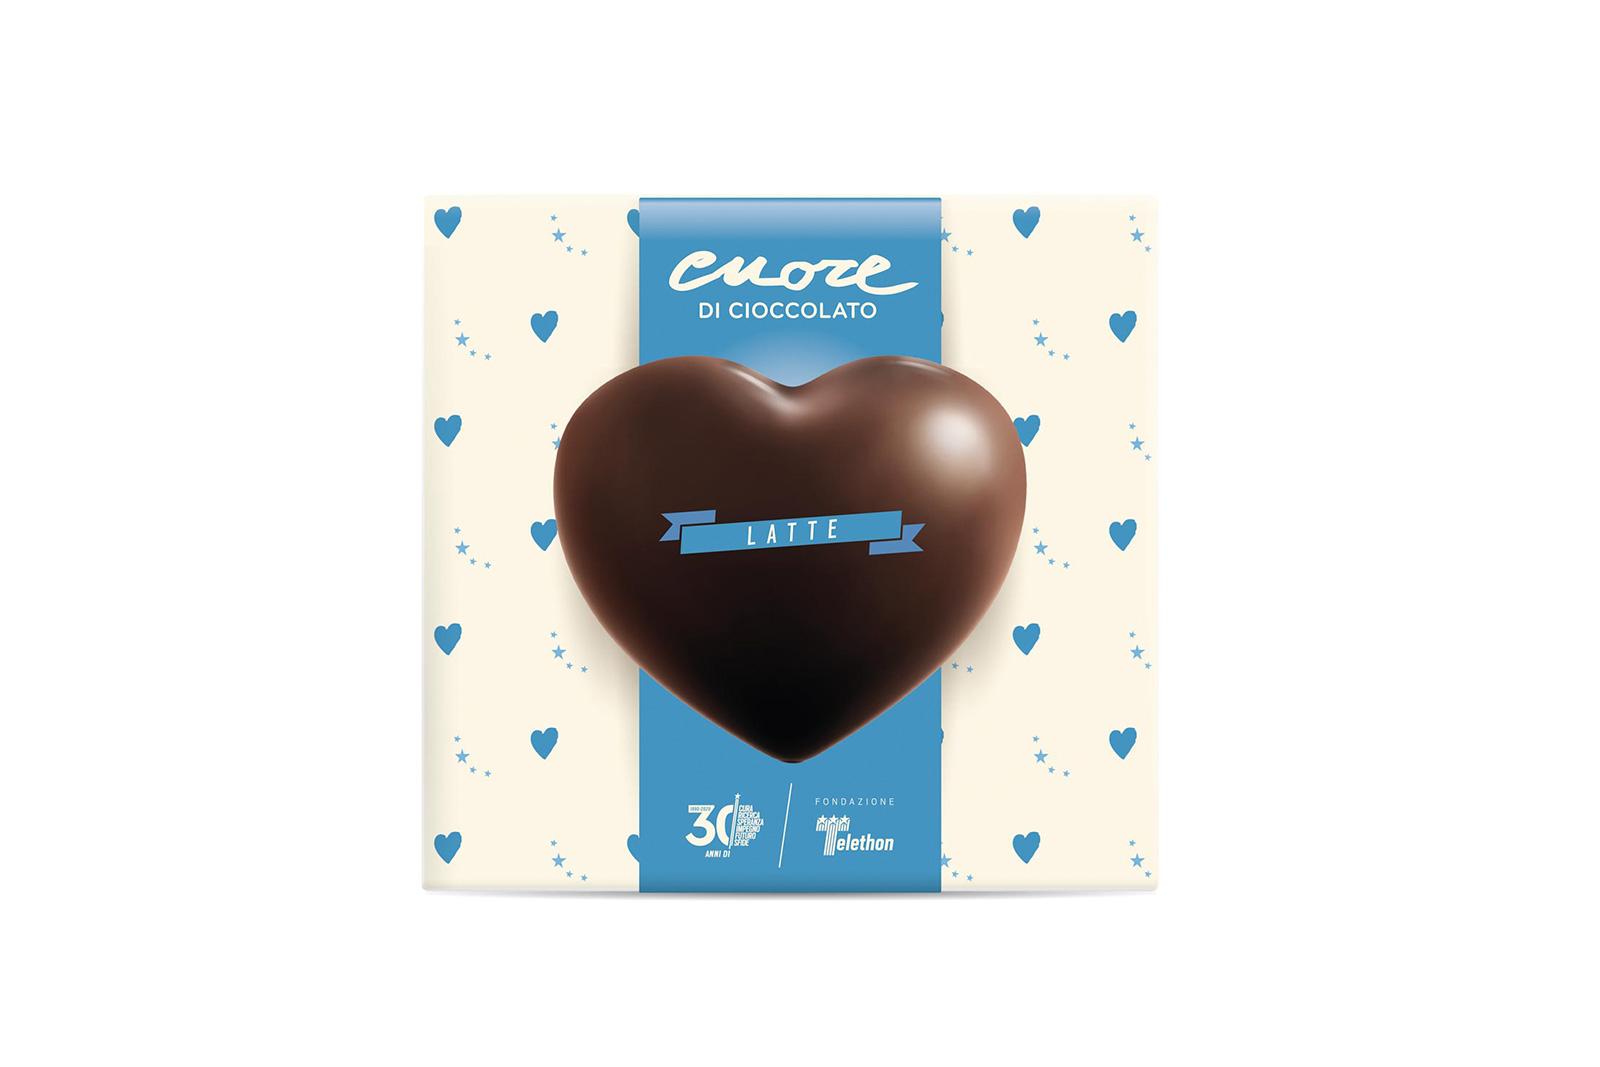 P0938_Cuore-di-cioccolato-al-latte_render